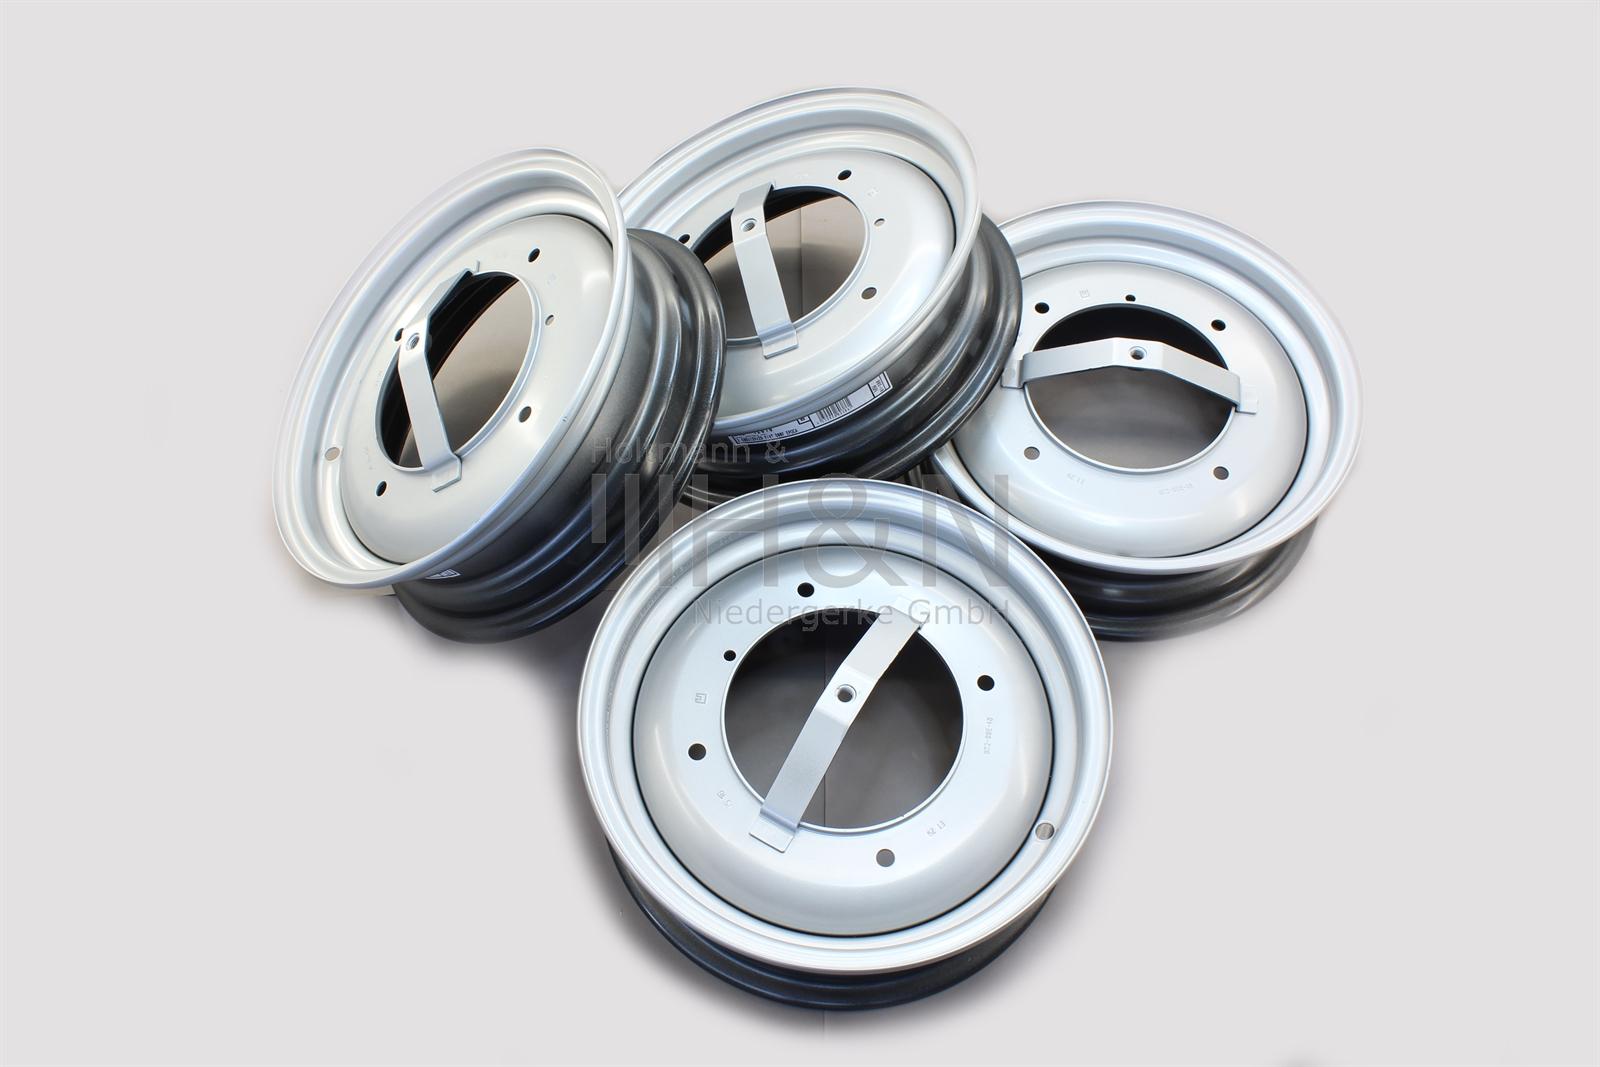 Stahlfelgen Satz 4 Stück Felge Fiat 500 F L R  new wheel set 4 pieces